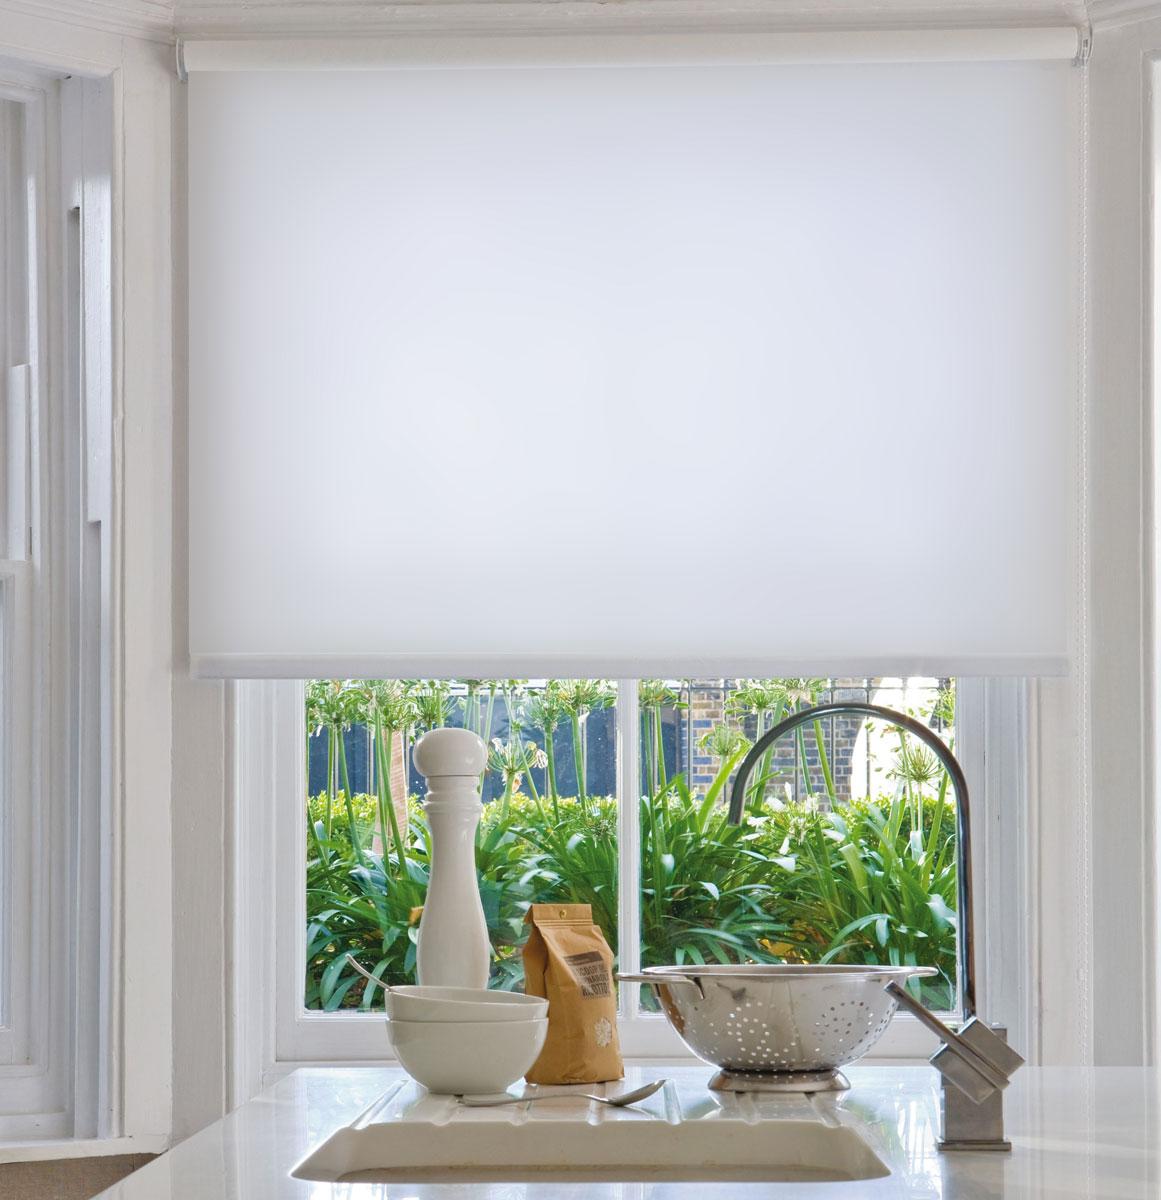 Штора рулонная KauffOrt Миниролло, светонепроницаемая, цвет: белый, ширина 98 см, высота 170 см94098007Рулонная штора KauffOrt Миниролло выполнена из высокопрочной полностью светонепроницаемой ткани белого цвета, которая сохраняет свой размер даже при намокании. Ткань не выцветает и обладает отличной цветоустойчивостью. Миниролло - это подвид рулонных штор, который закрывает не весь оконный проем, а непосредственно само стекло. Такие шторы крепятся на раму без сверления при помощи зажимов или клейкой двухсторонней ленты. Окно остаётся на гарантии, благодаря монтажу без сверления. Такая штора станет прекрасным элементом декора окна и гармонично впишется в интерьер любого помещения.